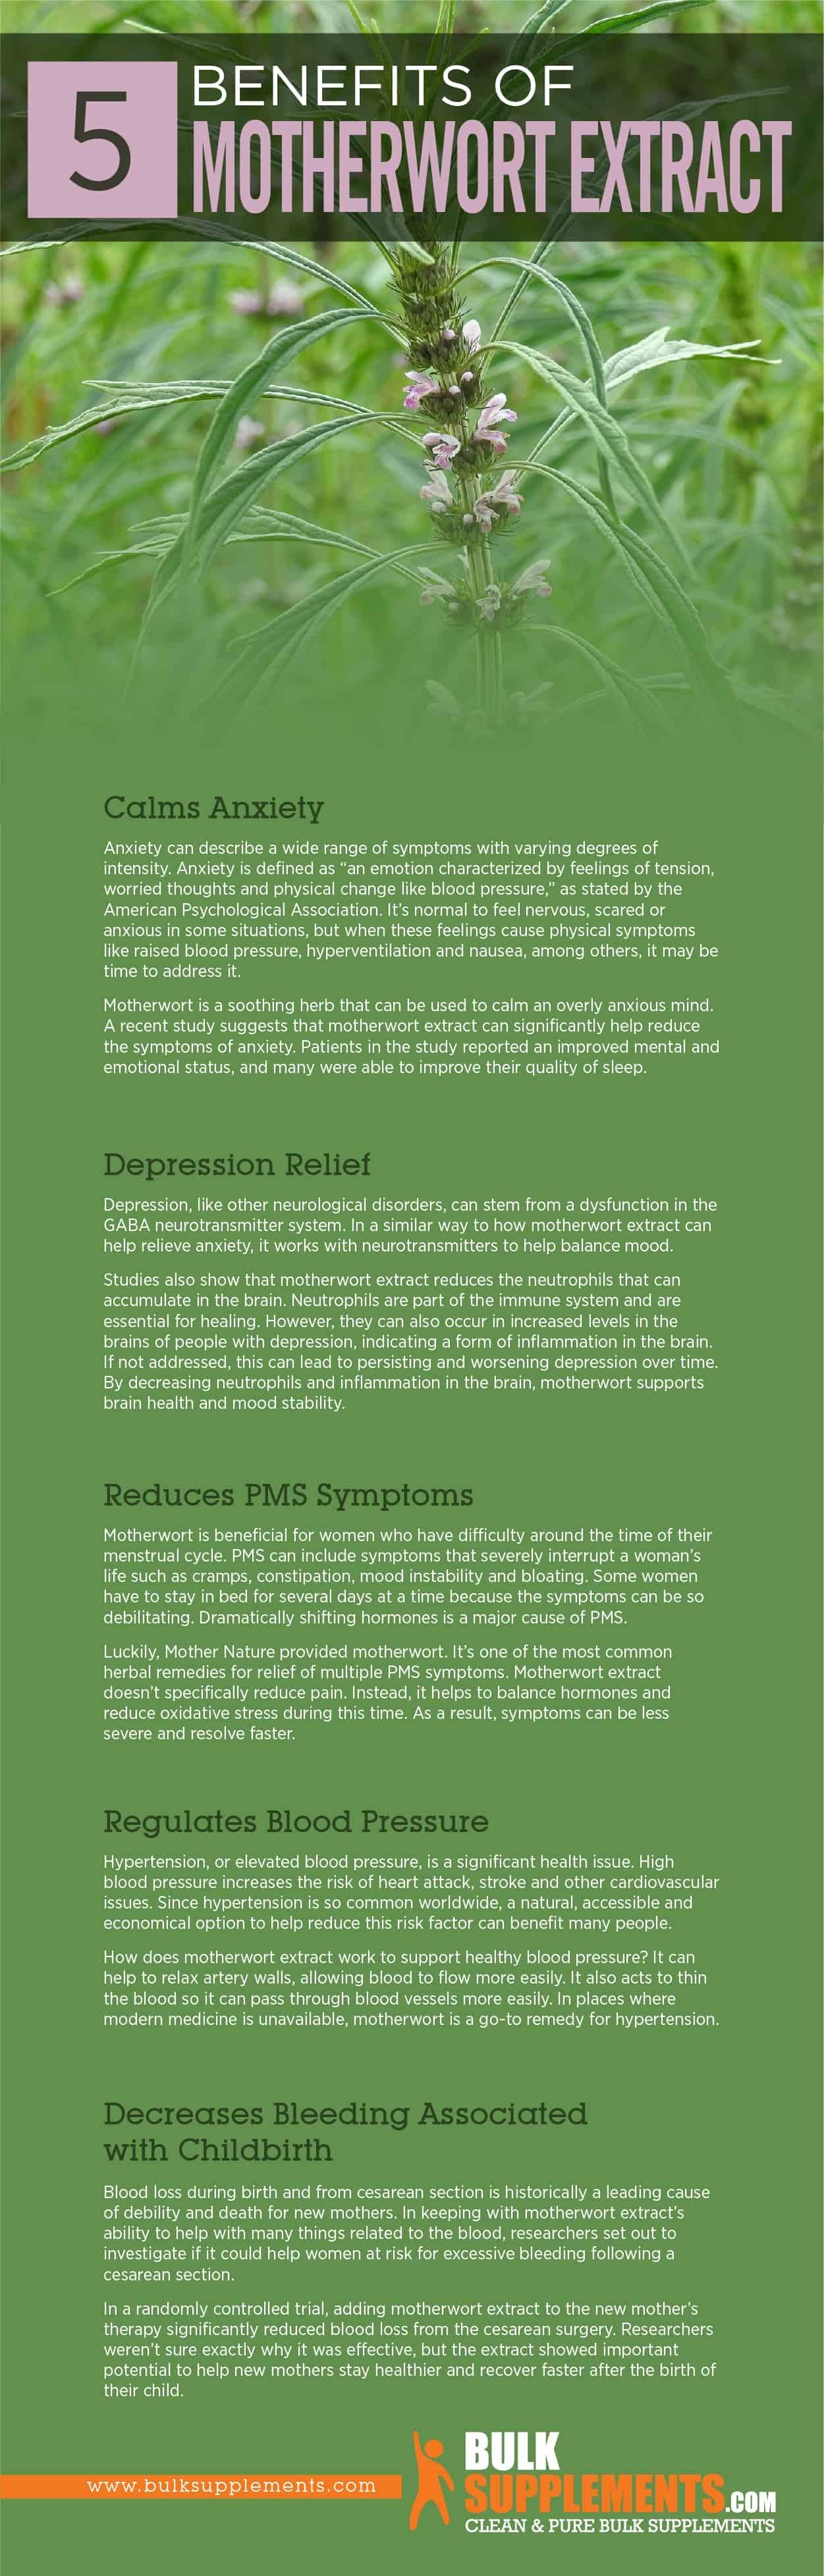 Motherwort Extract Benefits